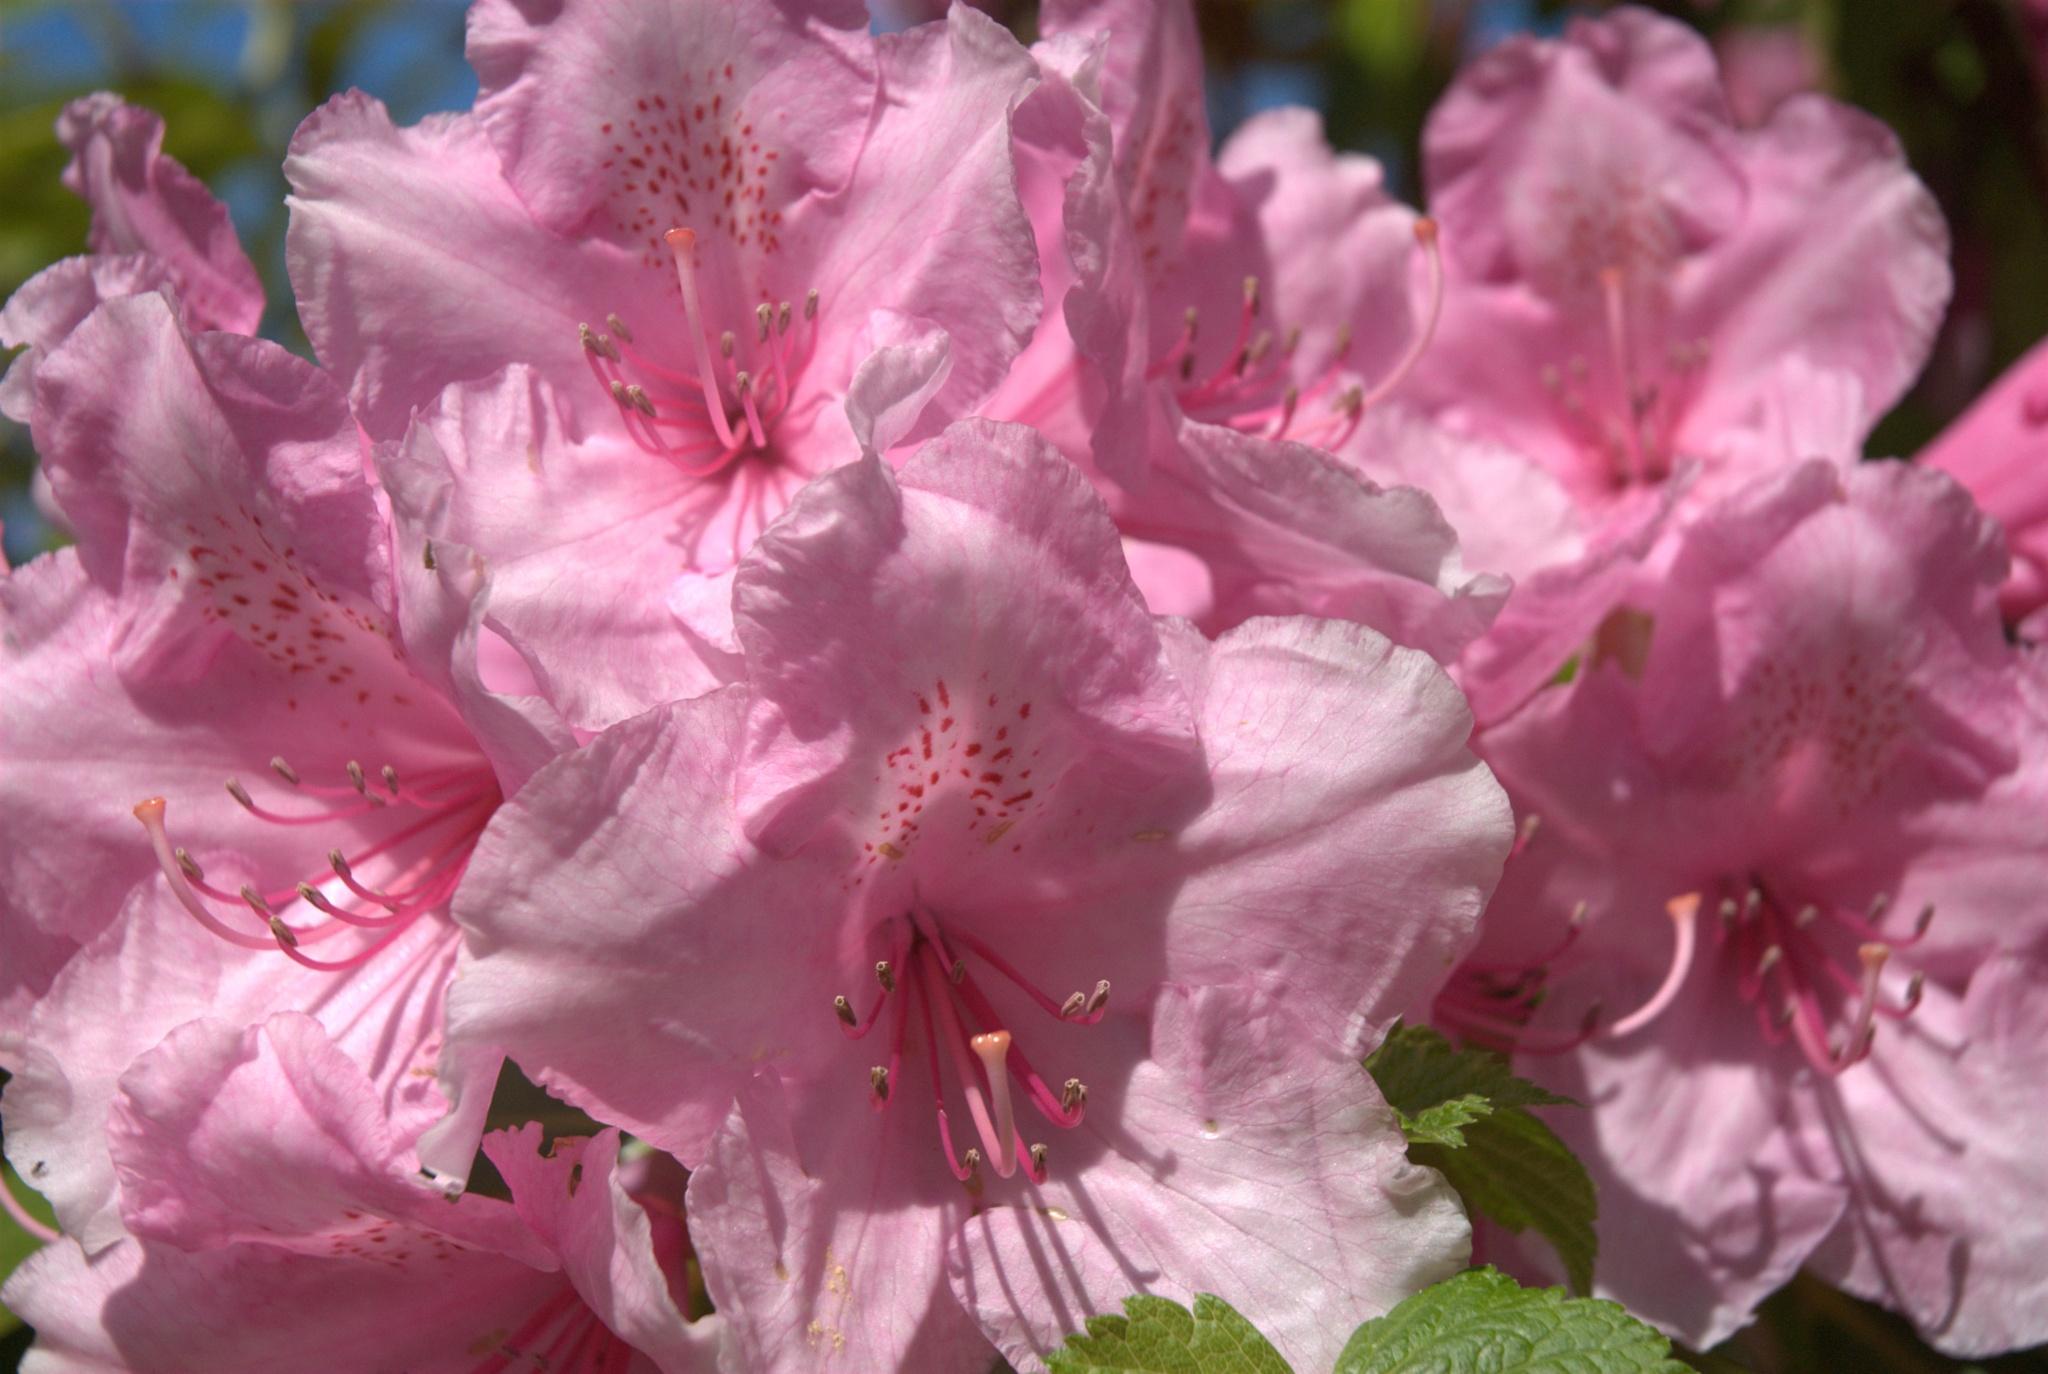 Summer flowers by leslie.mcbeath